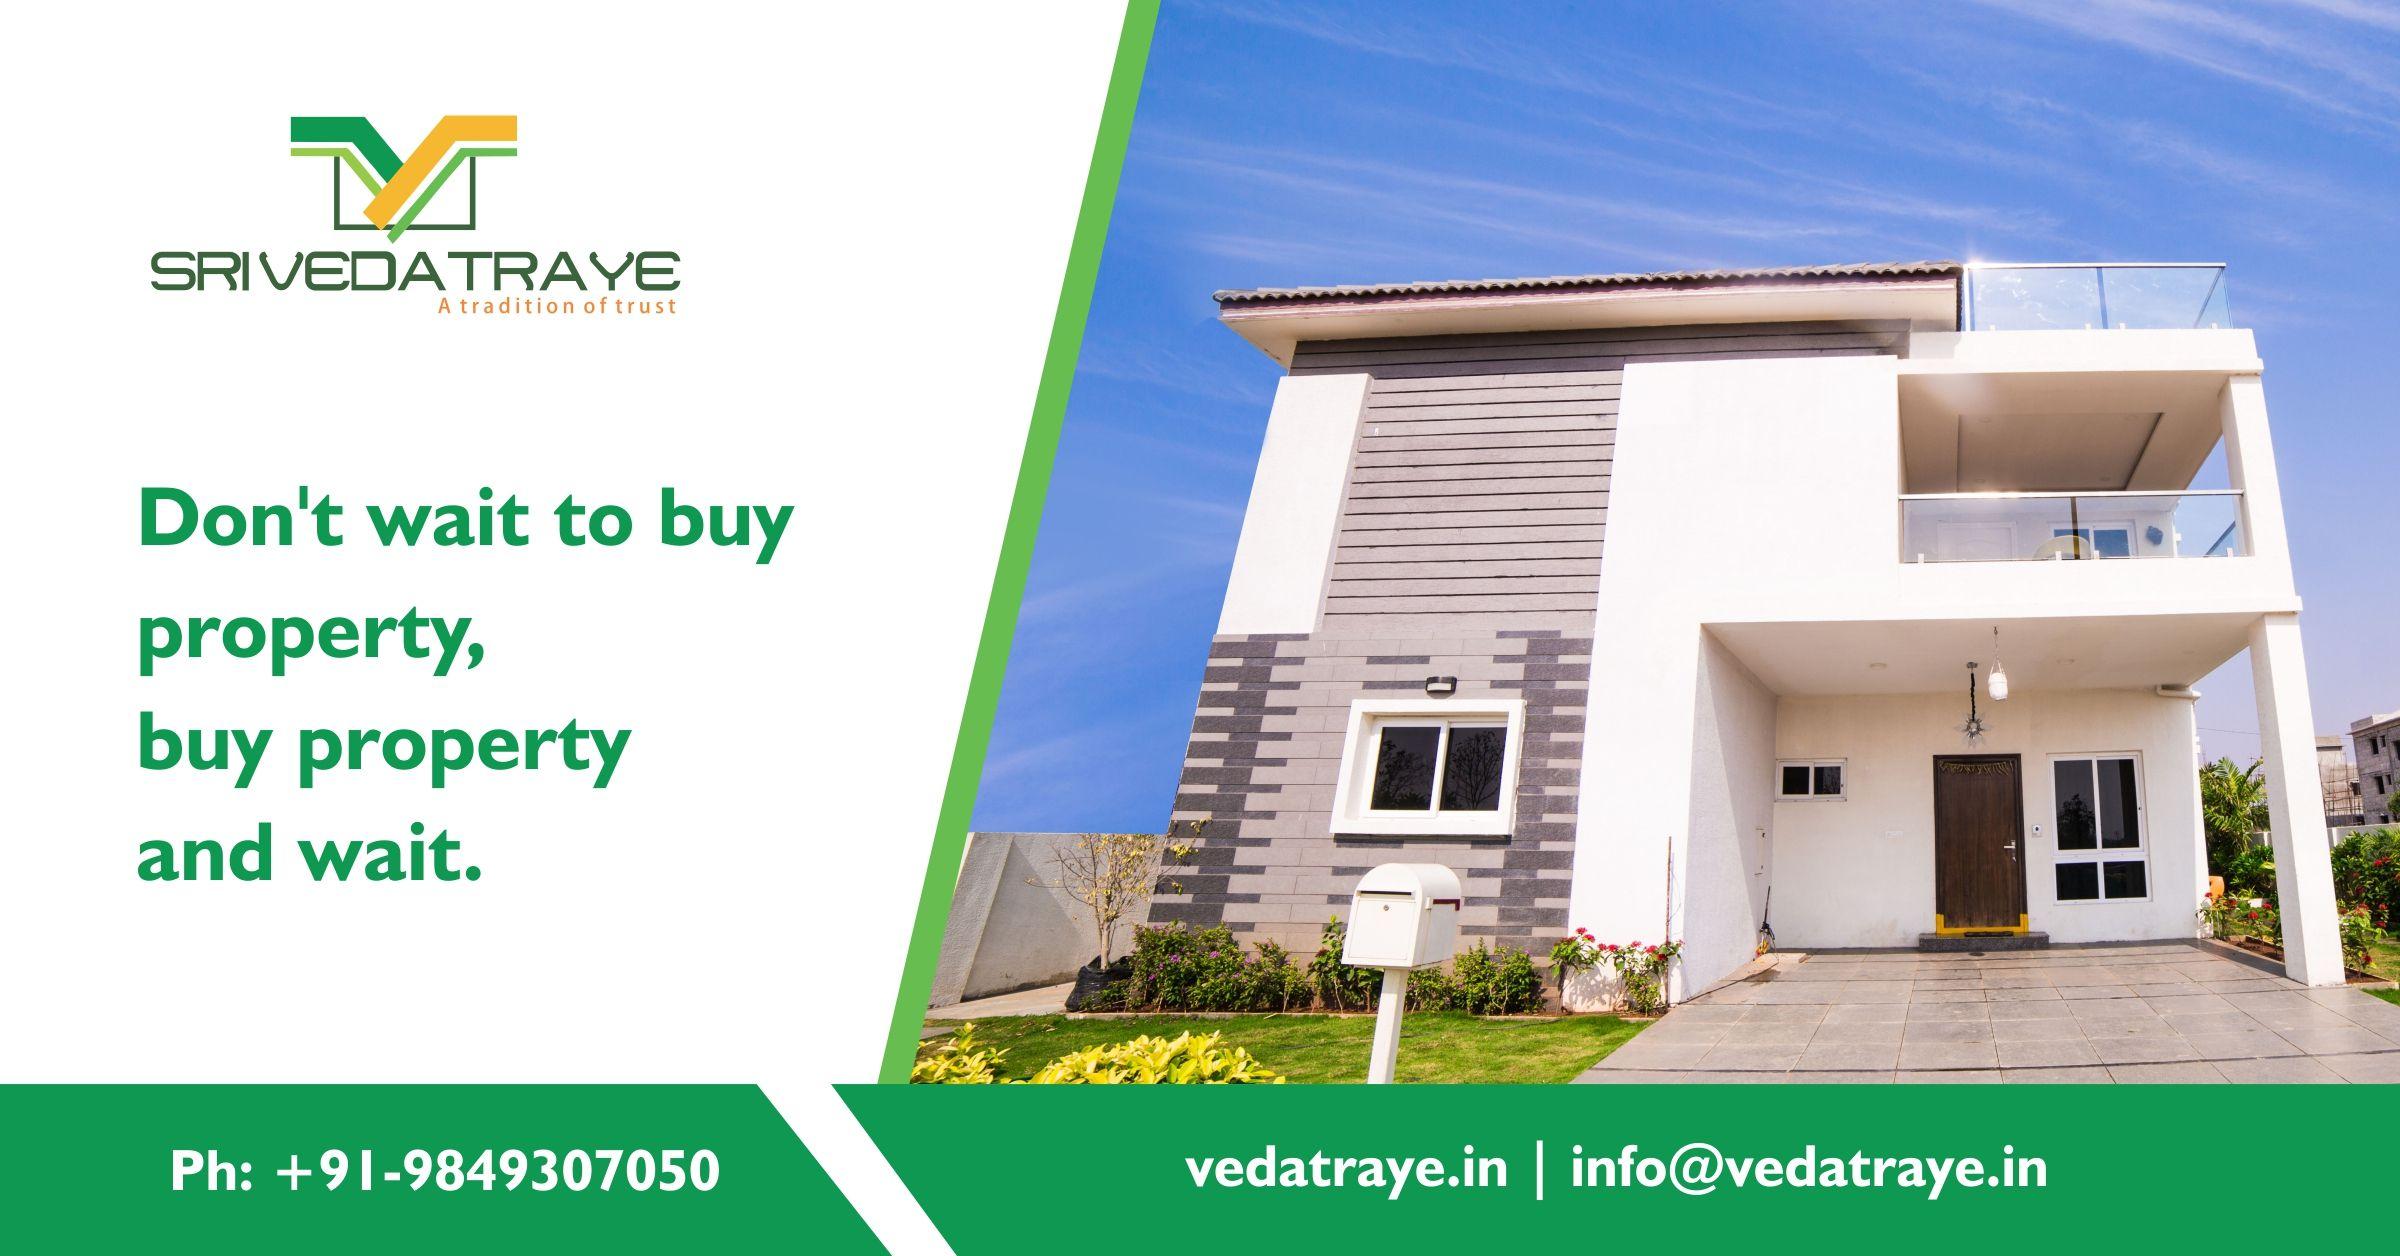 Top Real Estate Company In Hyderabad Vedatraye Developers Plots Villas Top Real Estate Companies Real Estate Companies Real Estate Prices